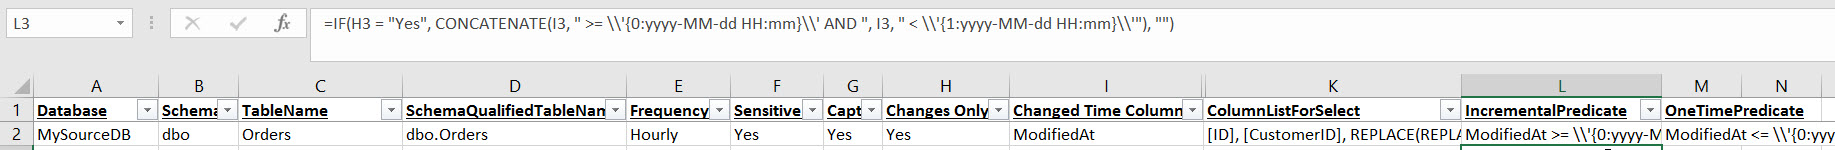 ADF Biml Metadata